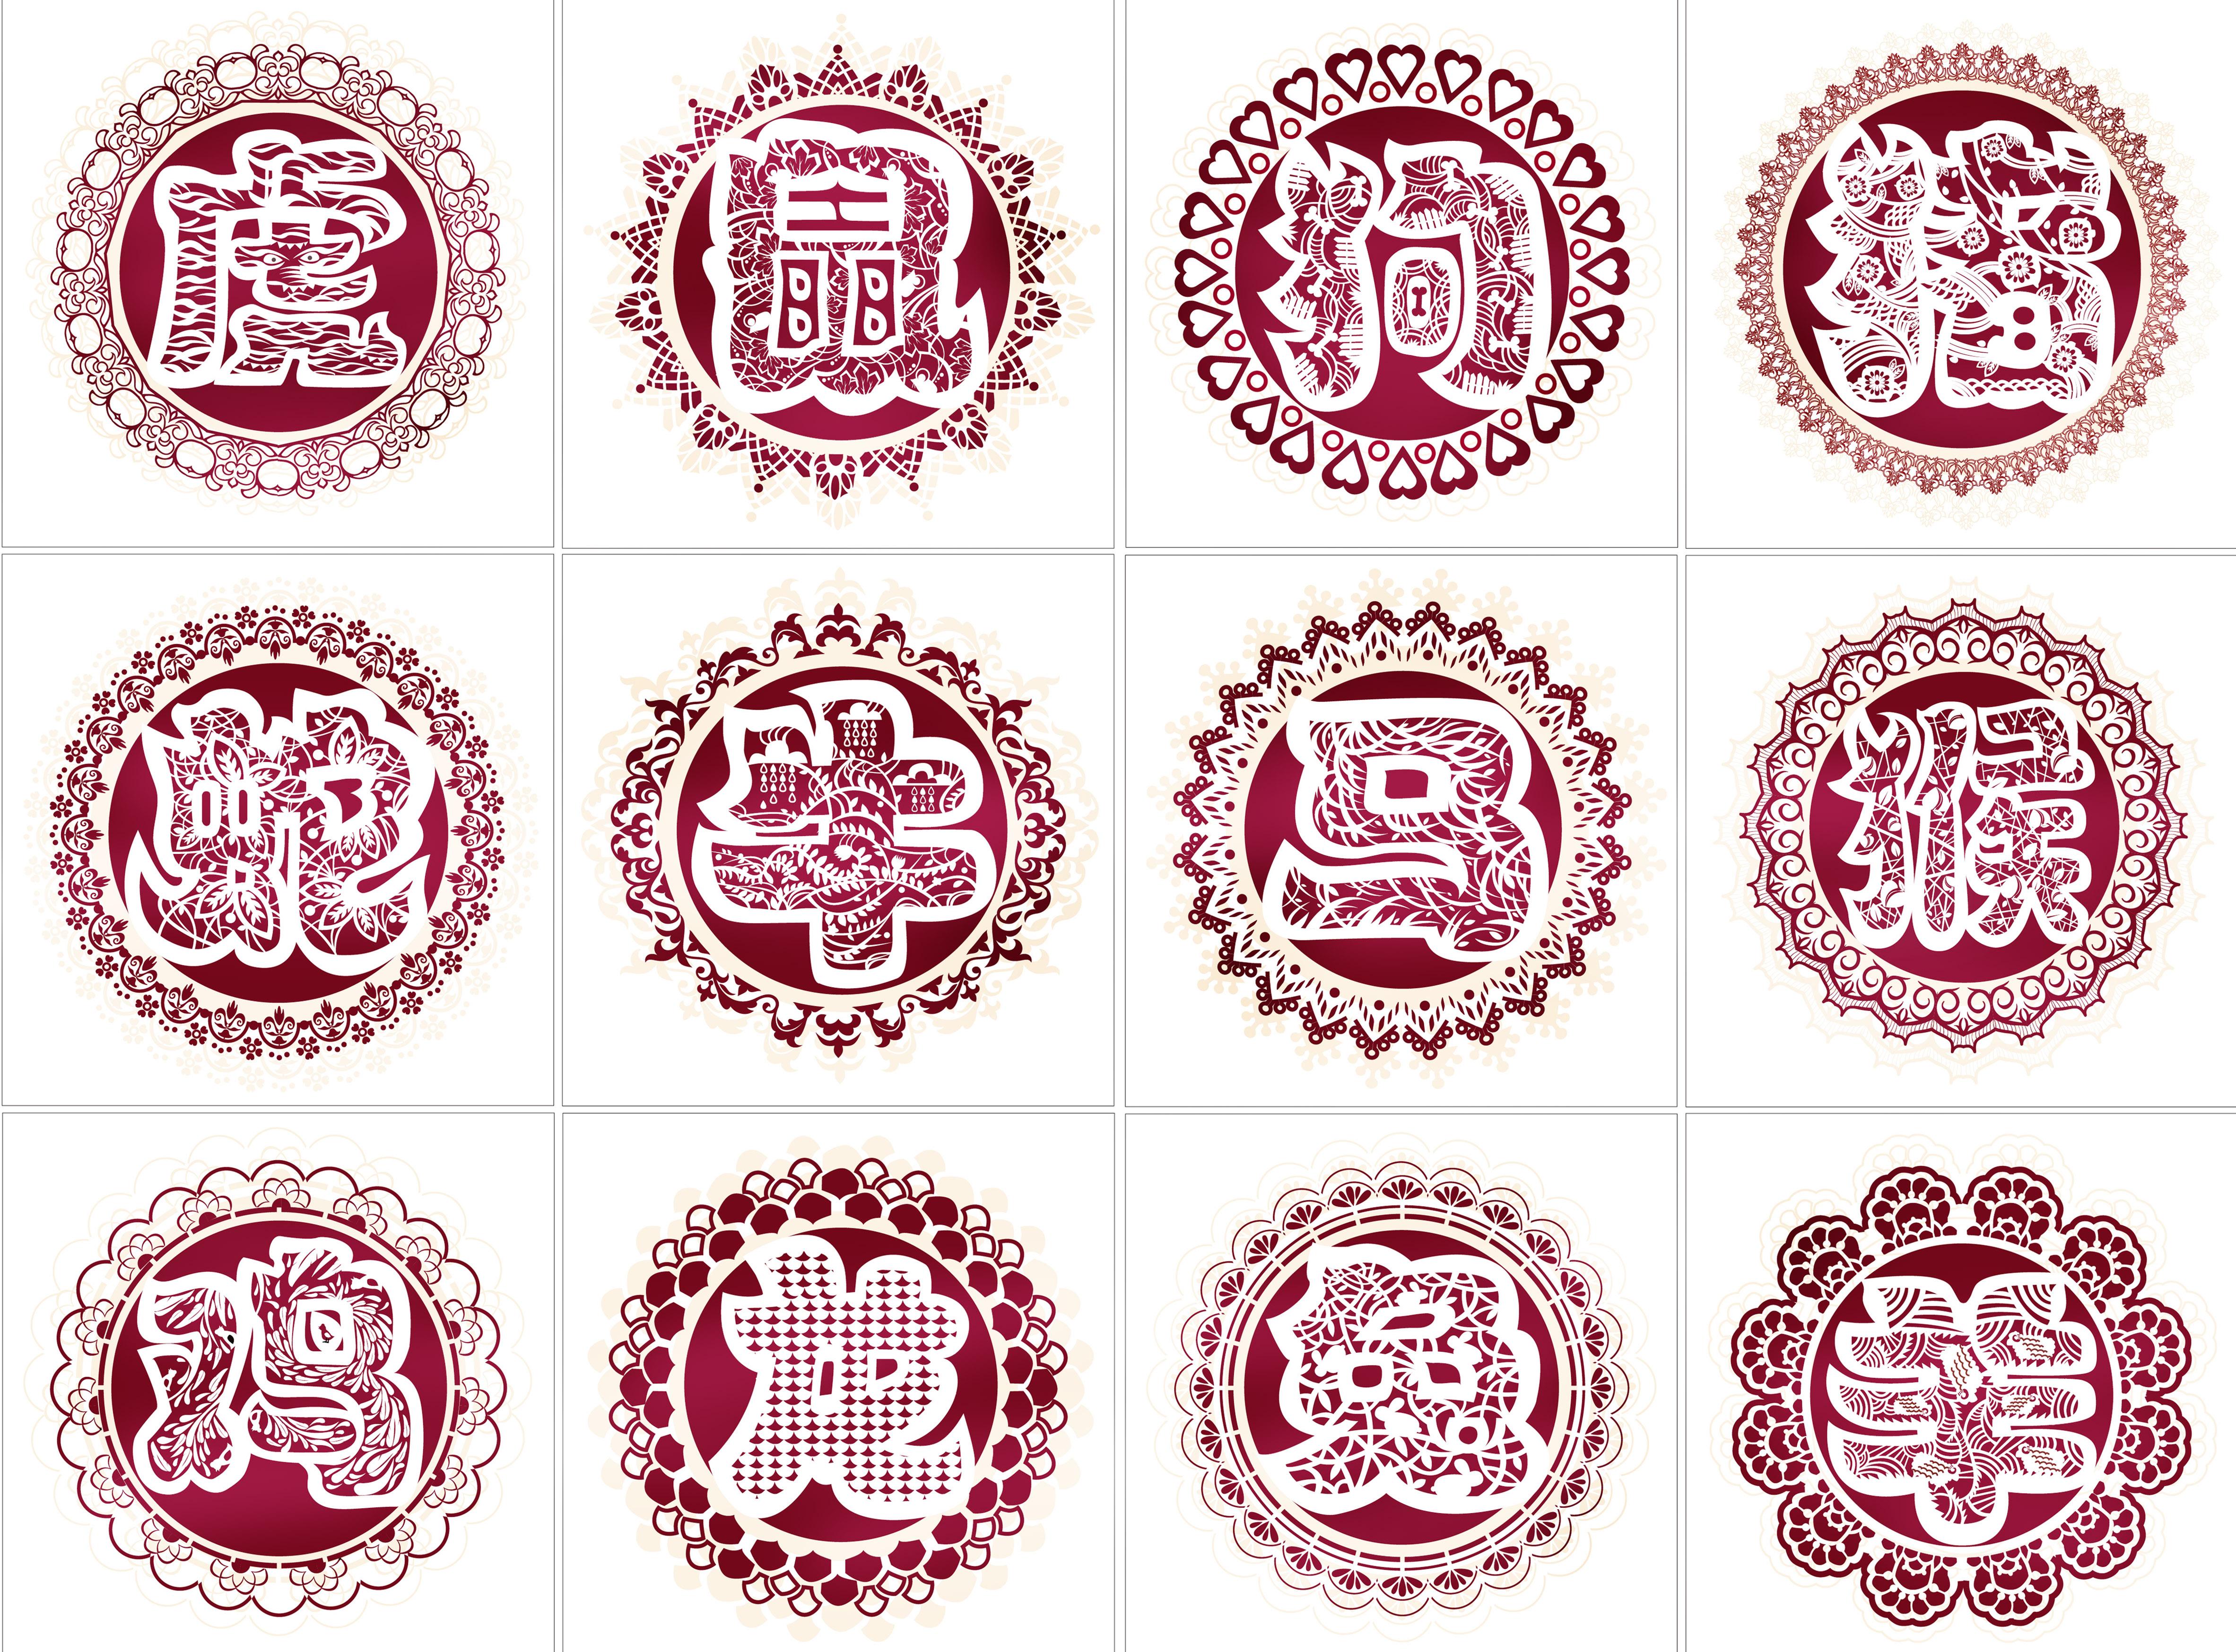 十二生肖纸质工艺品设计#四川大学图片